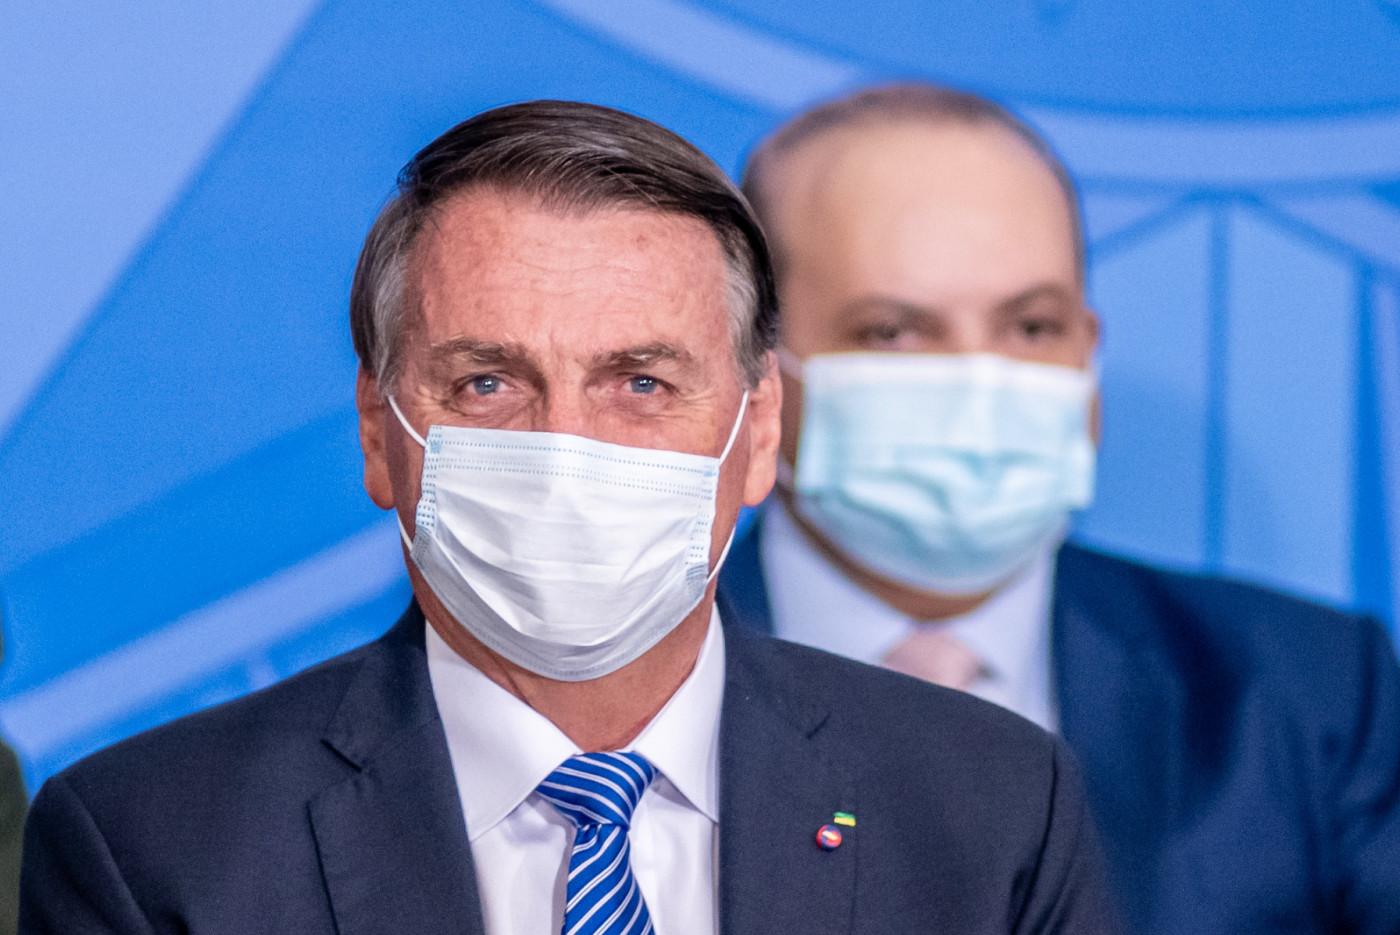 Presidente Jair Bolsonaro usa máscara de proteção branca em evento